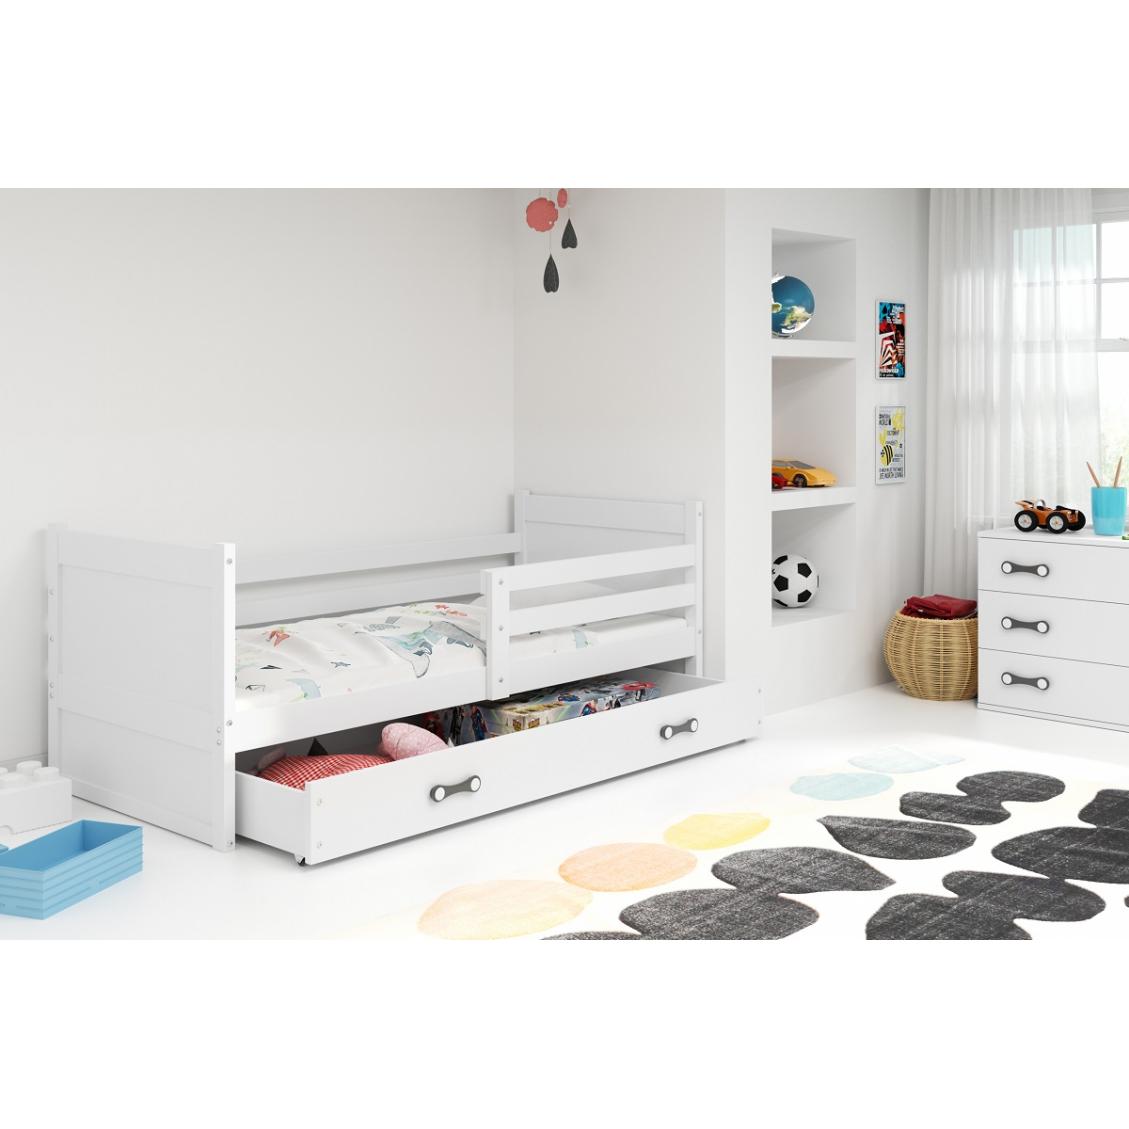 Łóżko RICO pojedyncze z szufladą 190x 80 cm białe